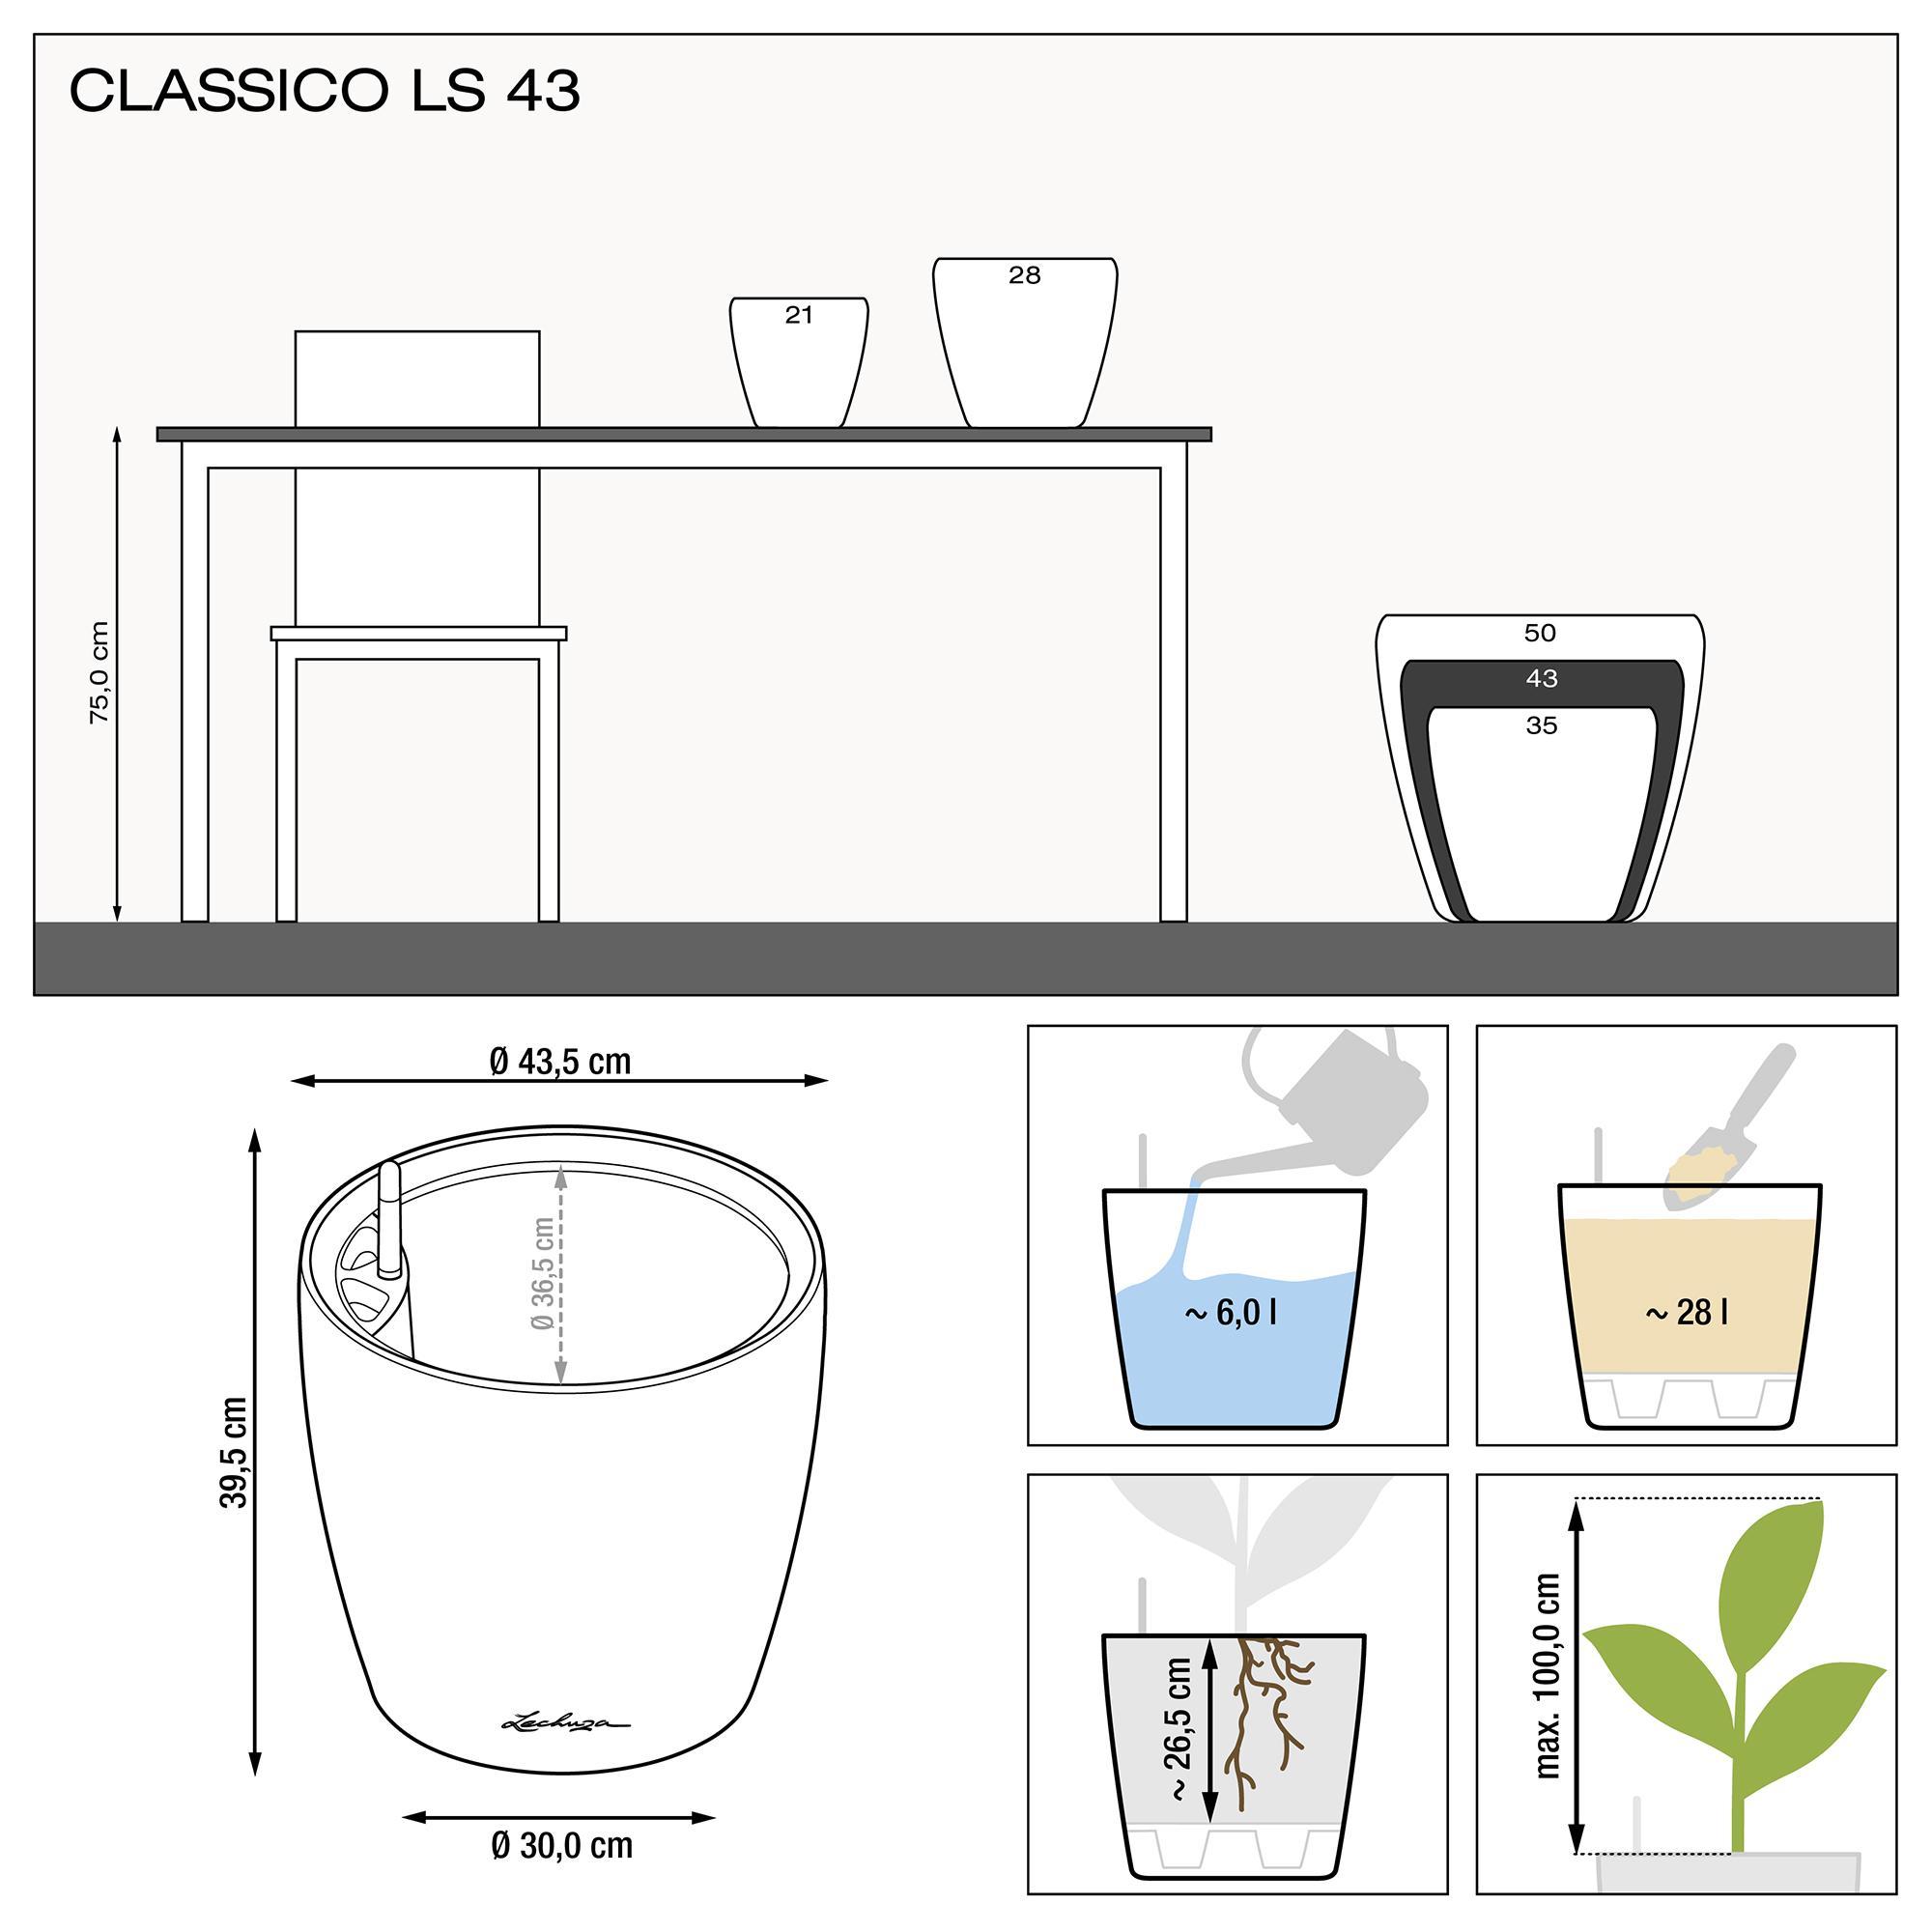 le_classico-ls43_product_addi_nz